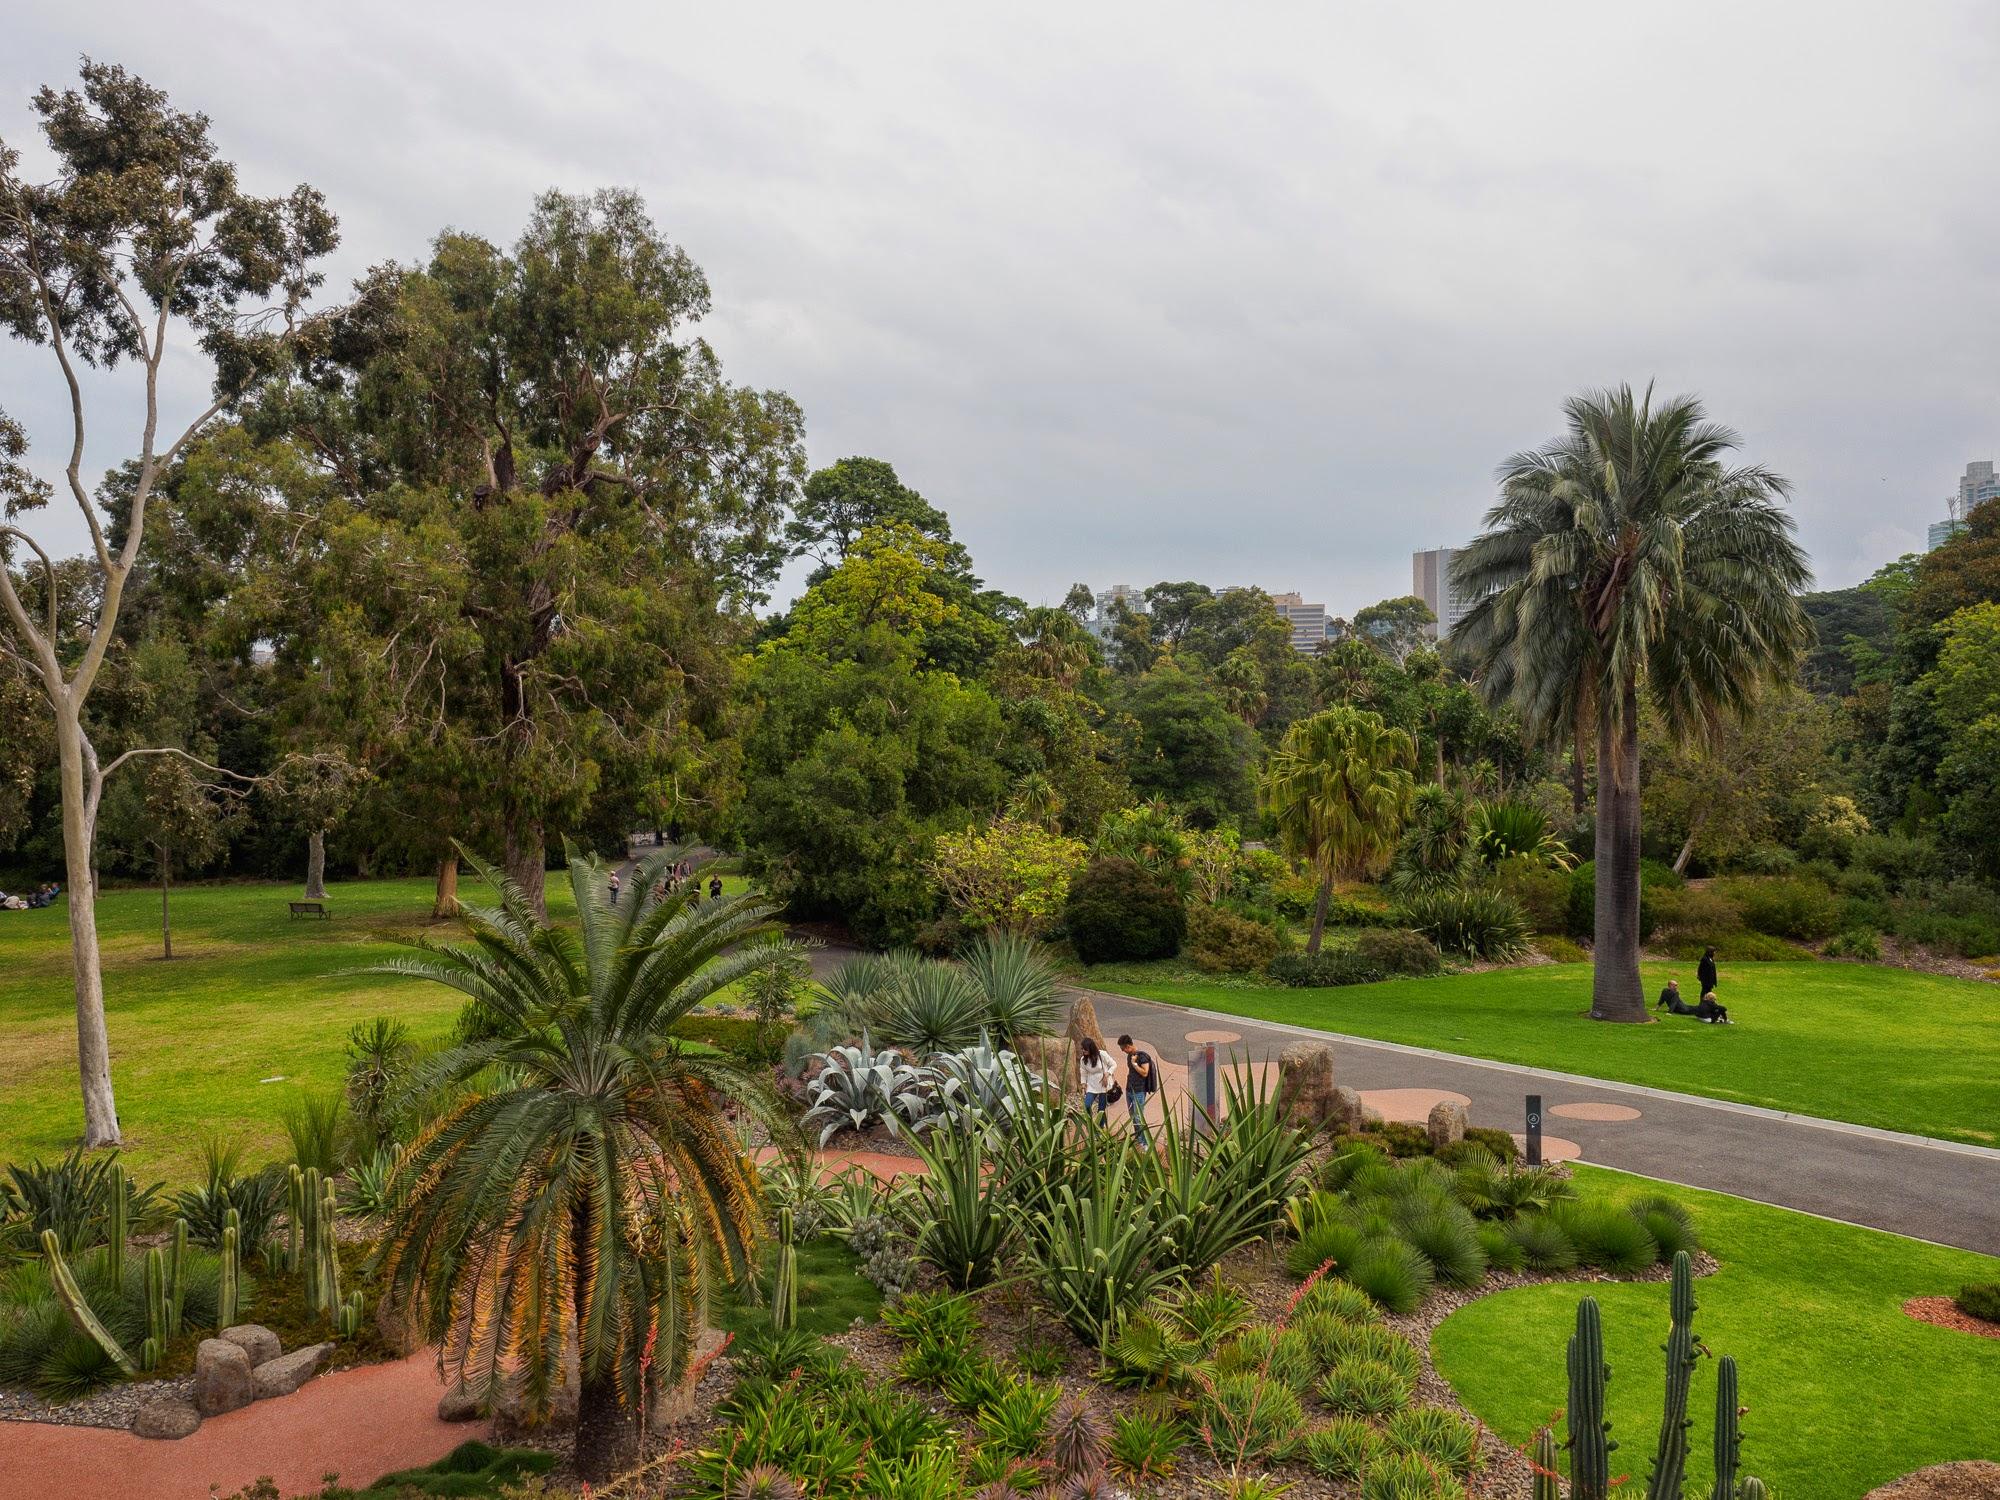 австралийский национальный ботанический сад фото каждый день бесплатно